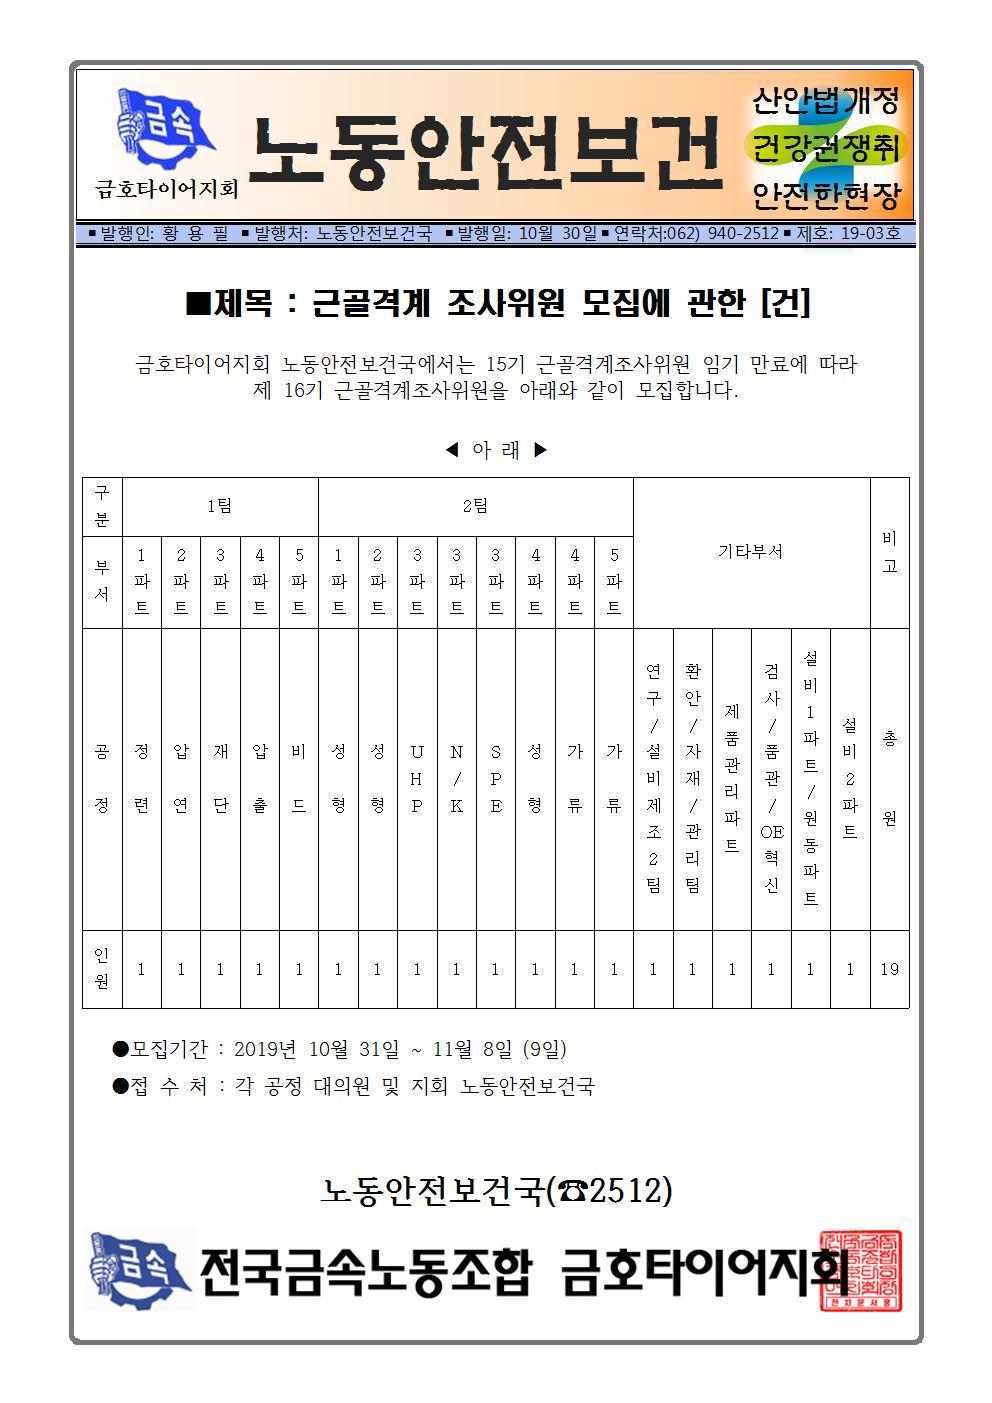 19-03 근골격계 조사위원 모집 공고.jpg